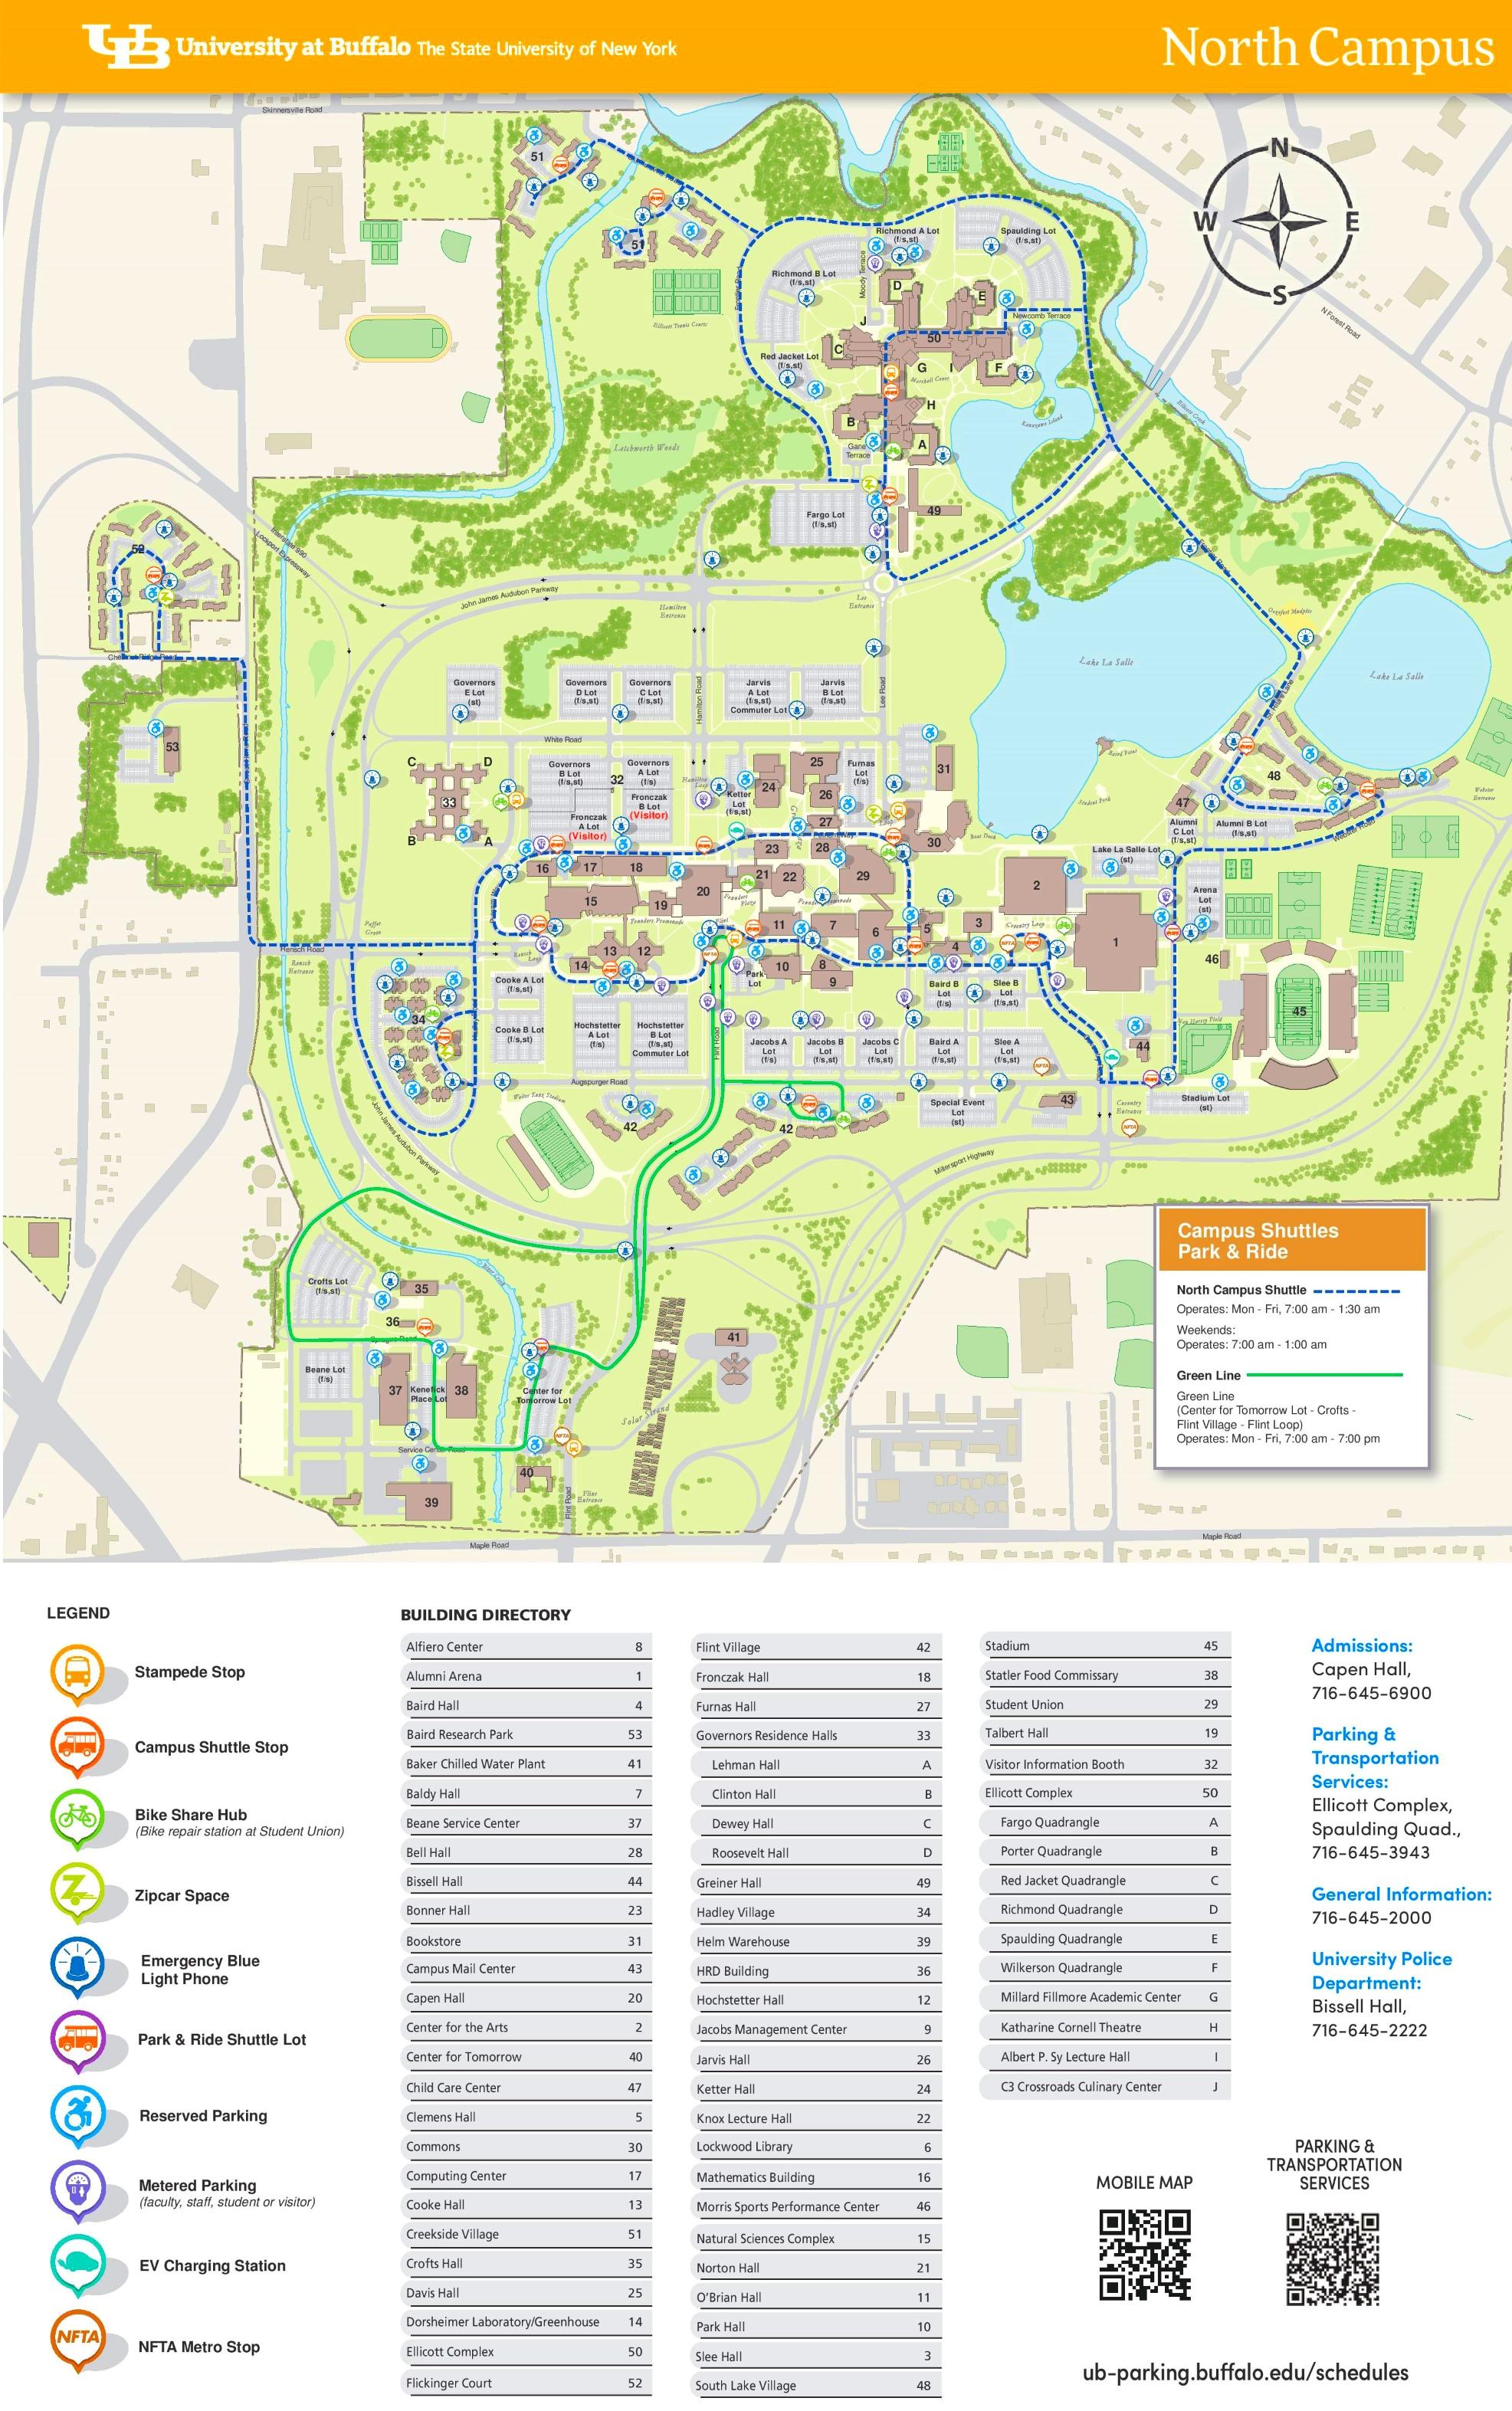 University At Buffalo North Campus Map University at Buffalo North Campus map